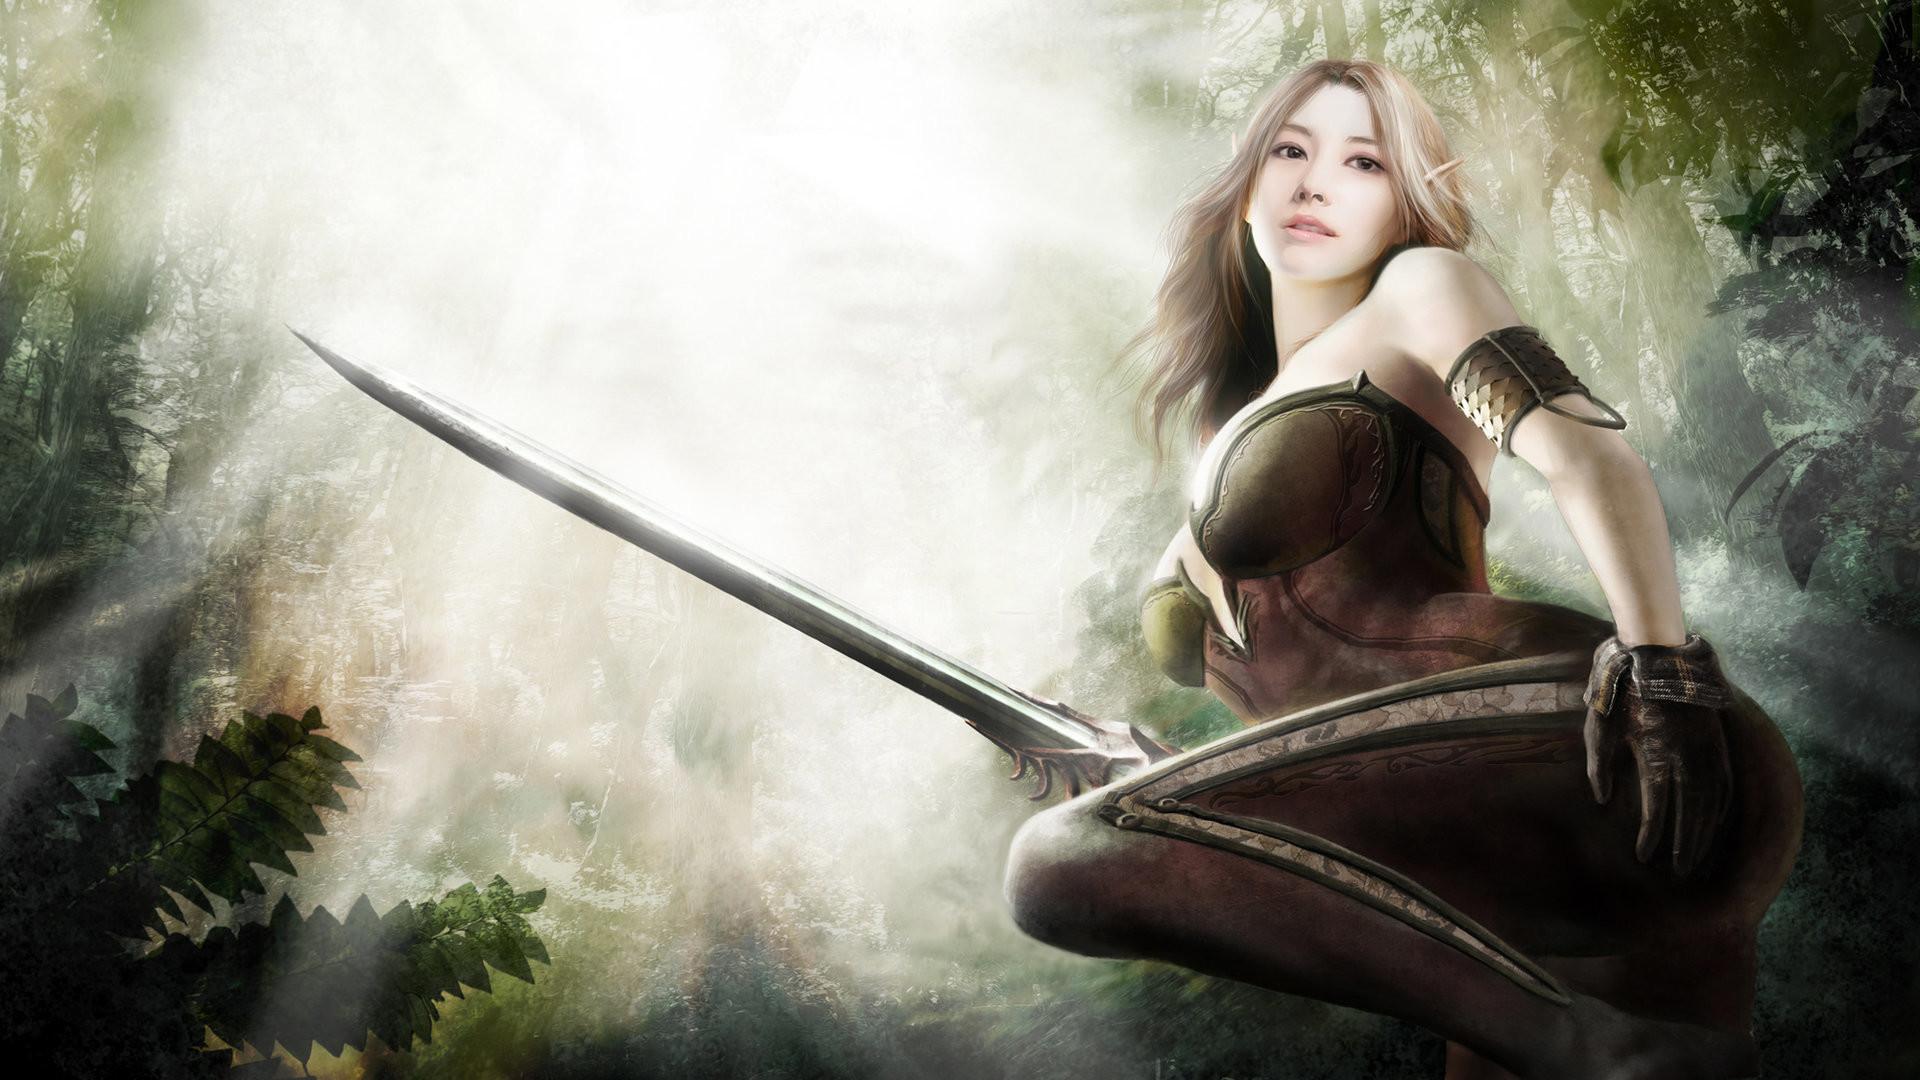 Fantasy – Elf Blonde Sword Woman Warrior Fantasy Wallpaper